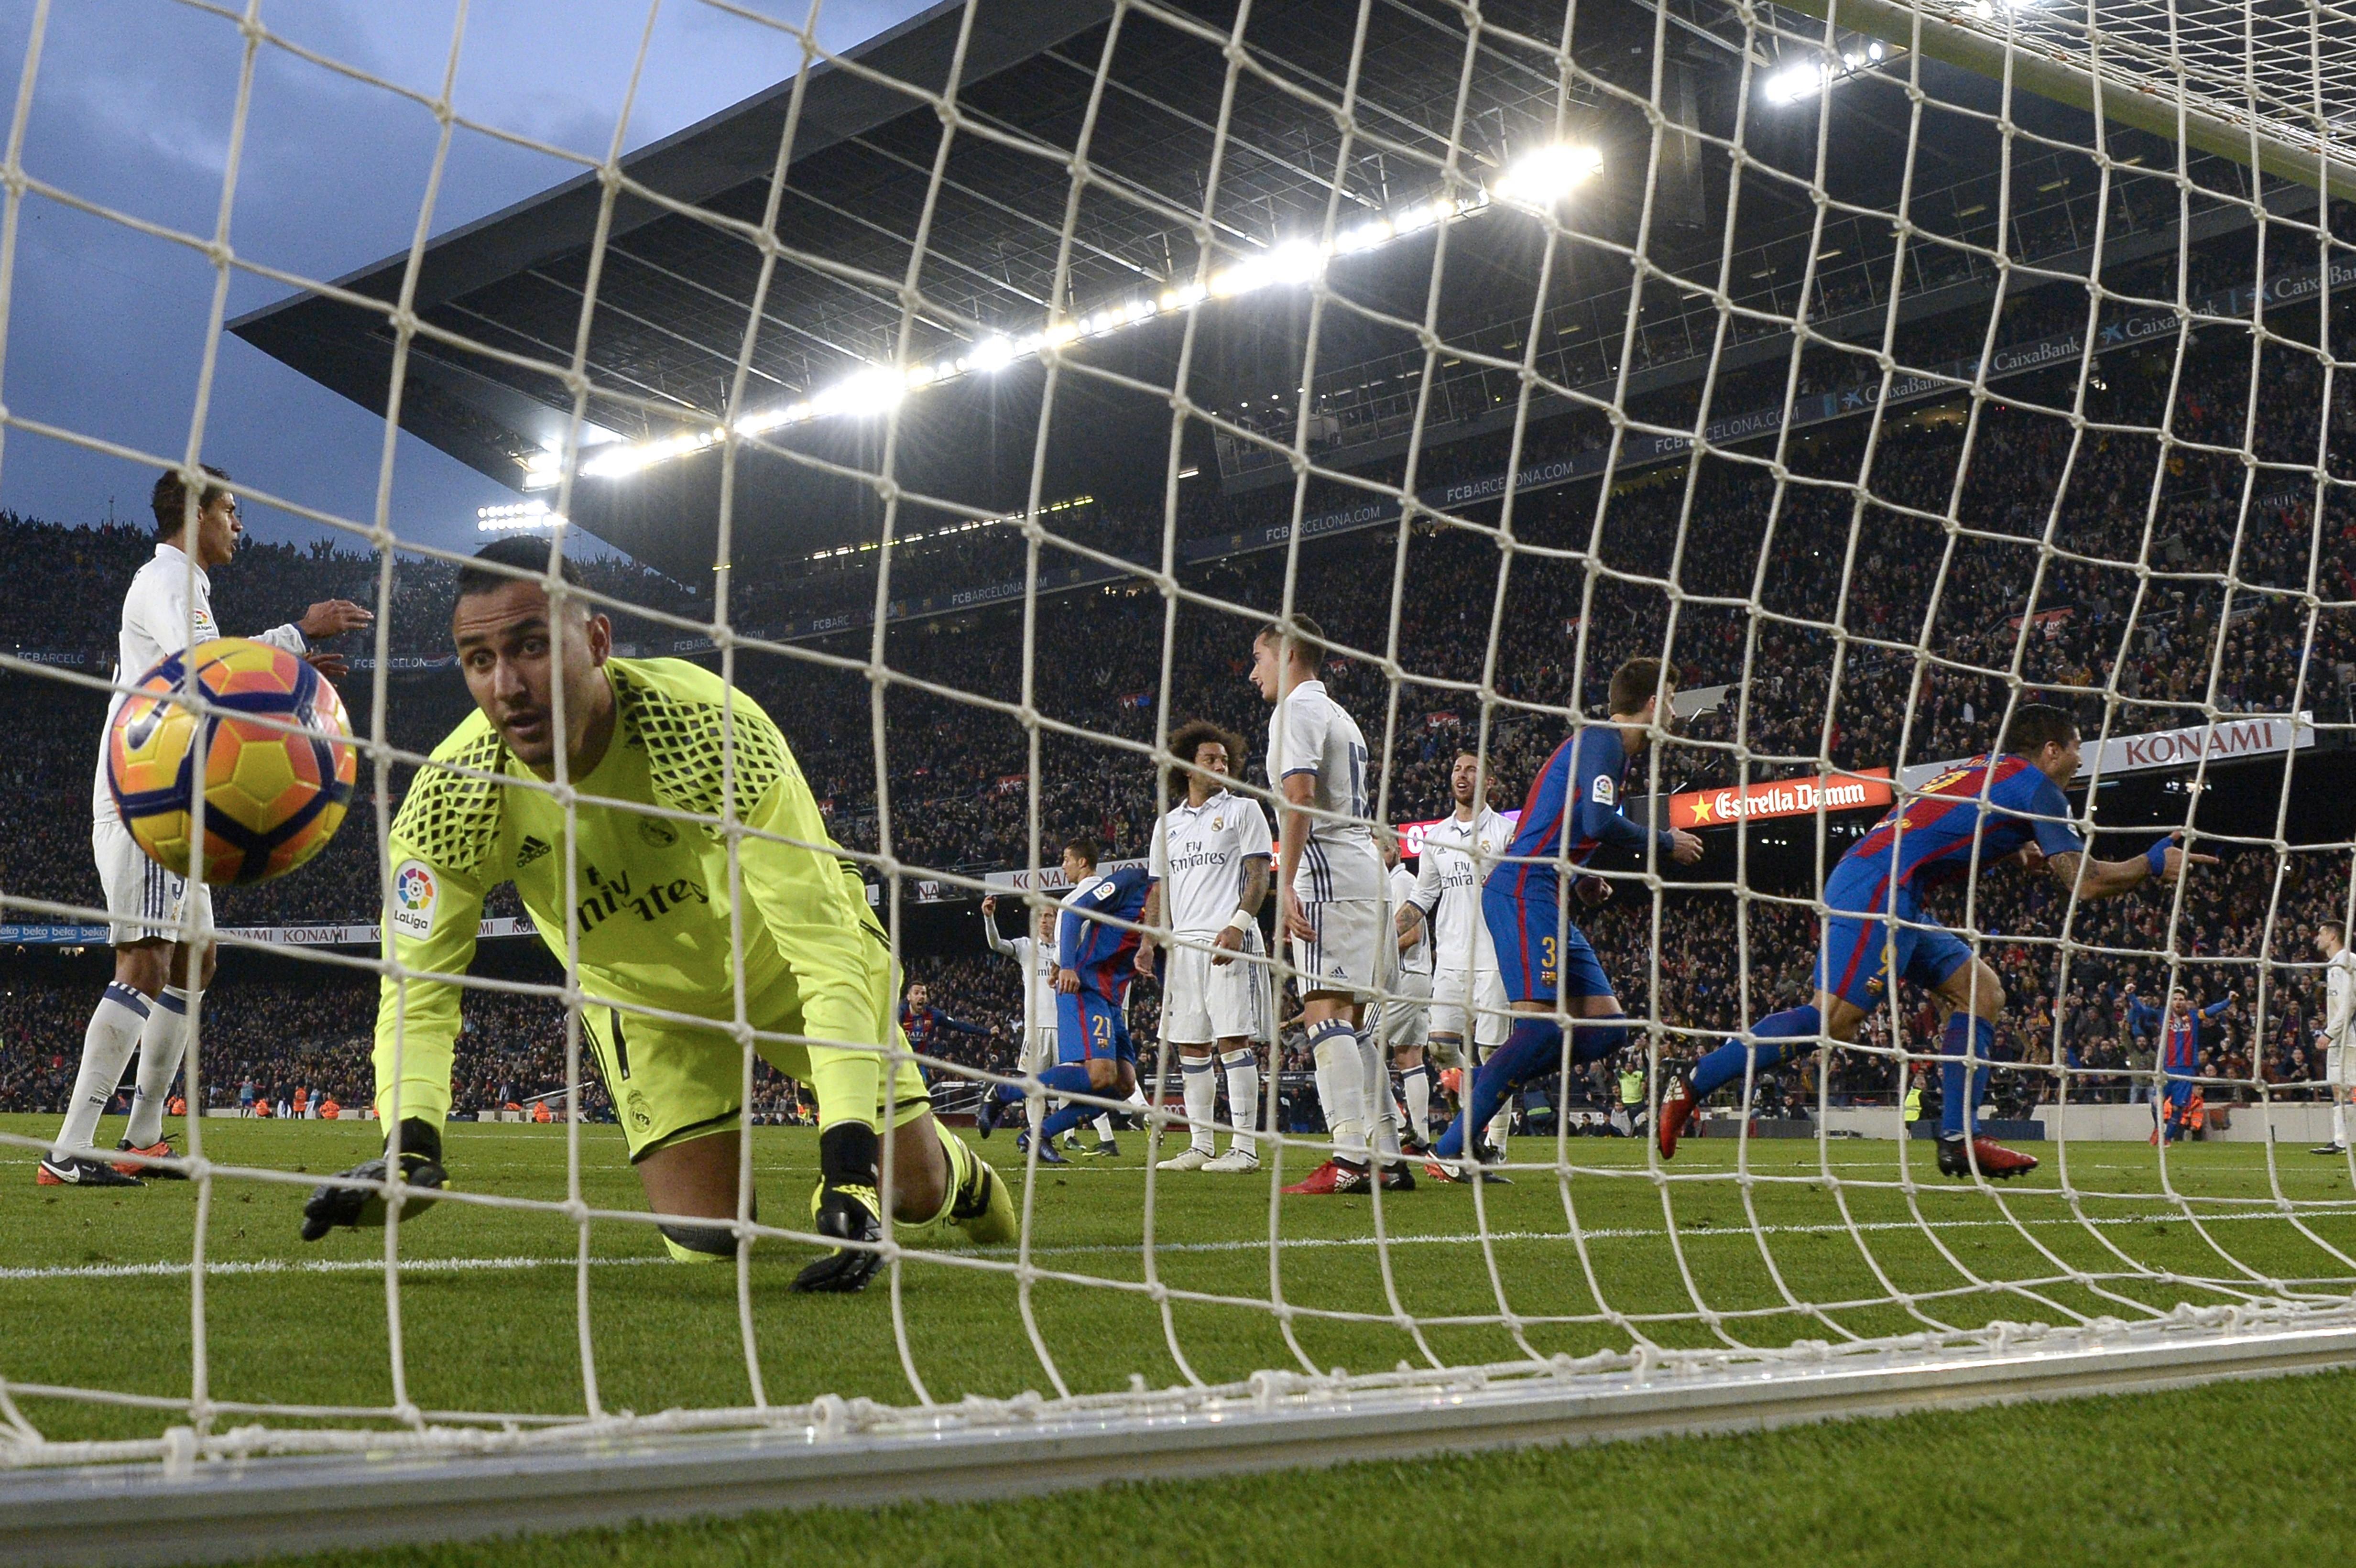 Luis Suarez buteur lors de FC Barcelone - Real Madrid en Liga le 3 décembre  2016 c759682b4fc66